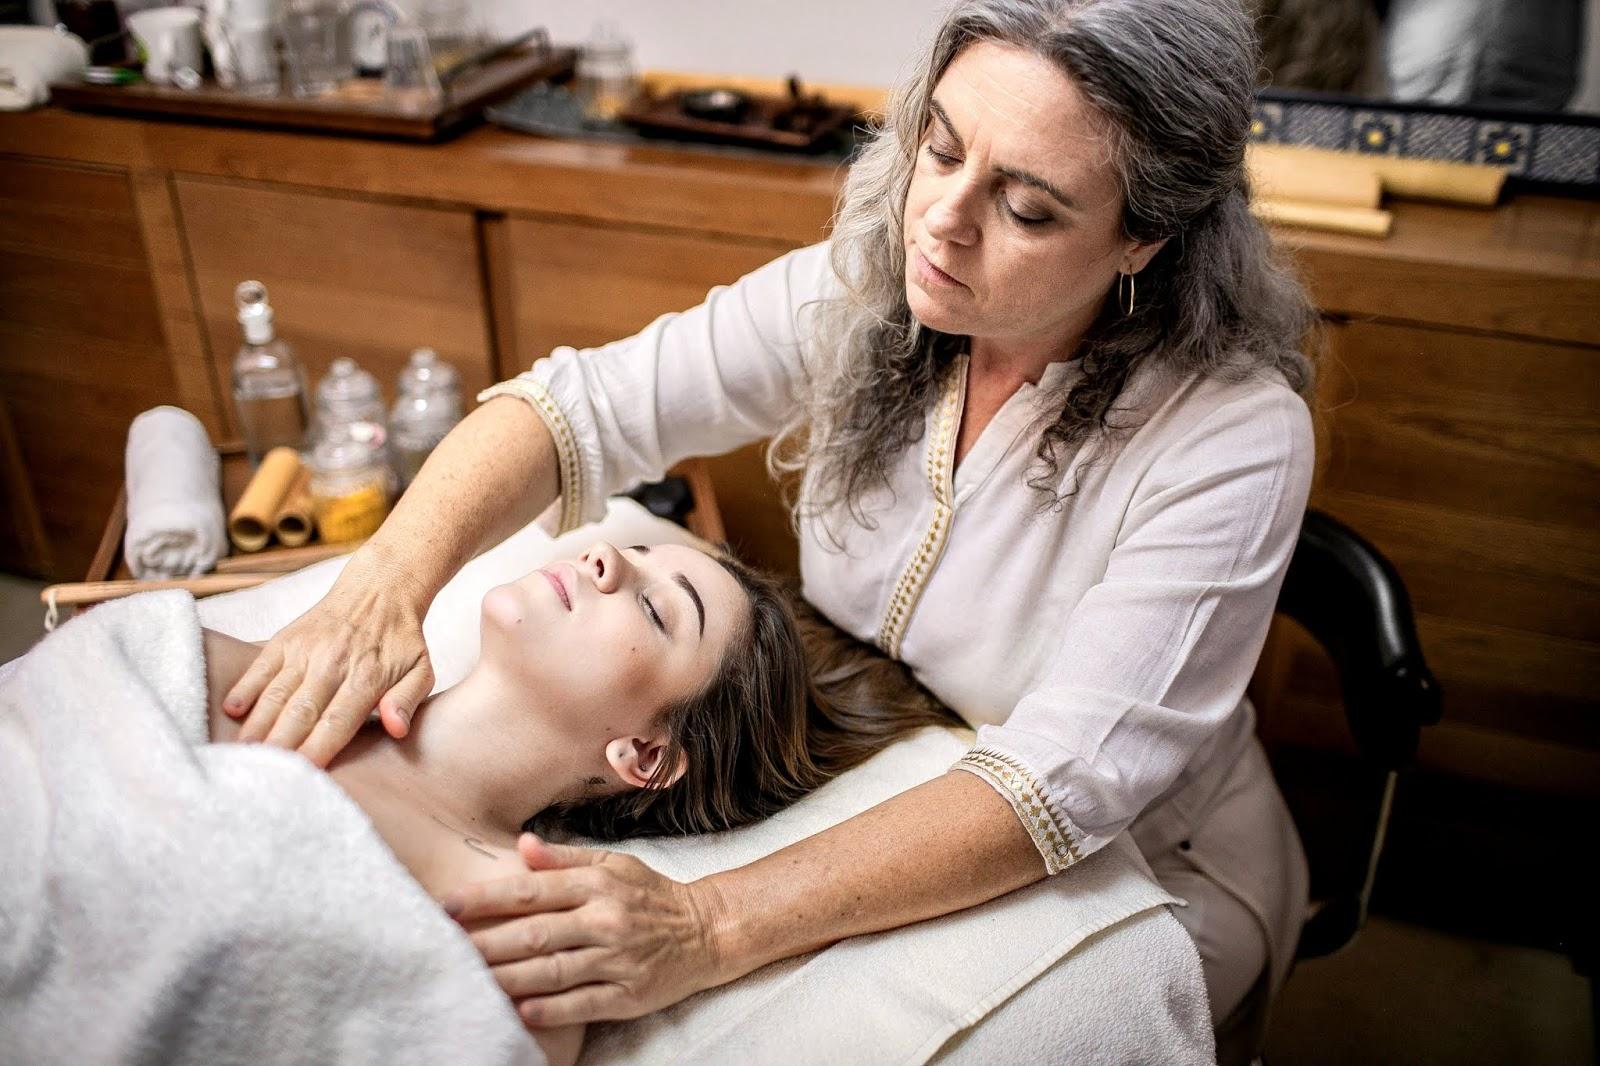 Instituto oferece ambulatórios de massagem a R$ 20 e cursos gratuitos